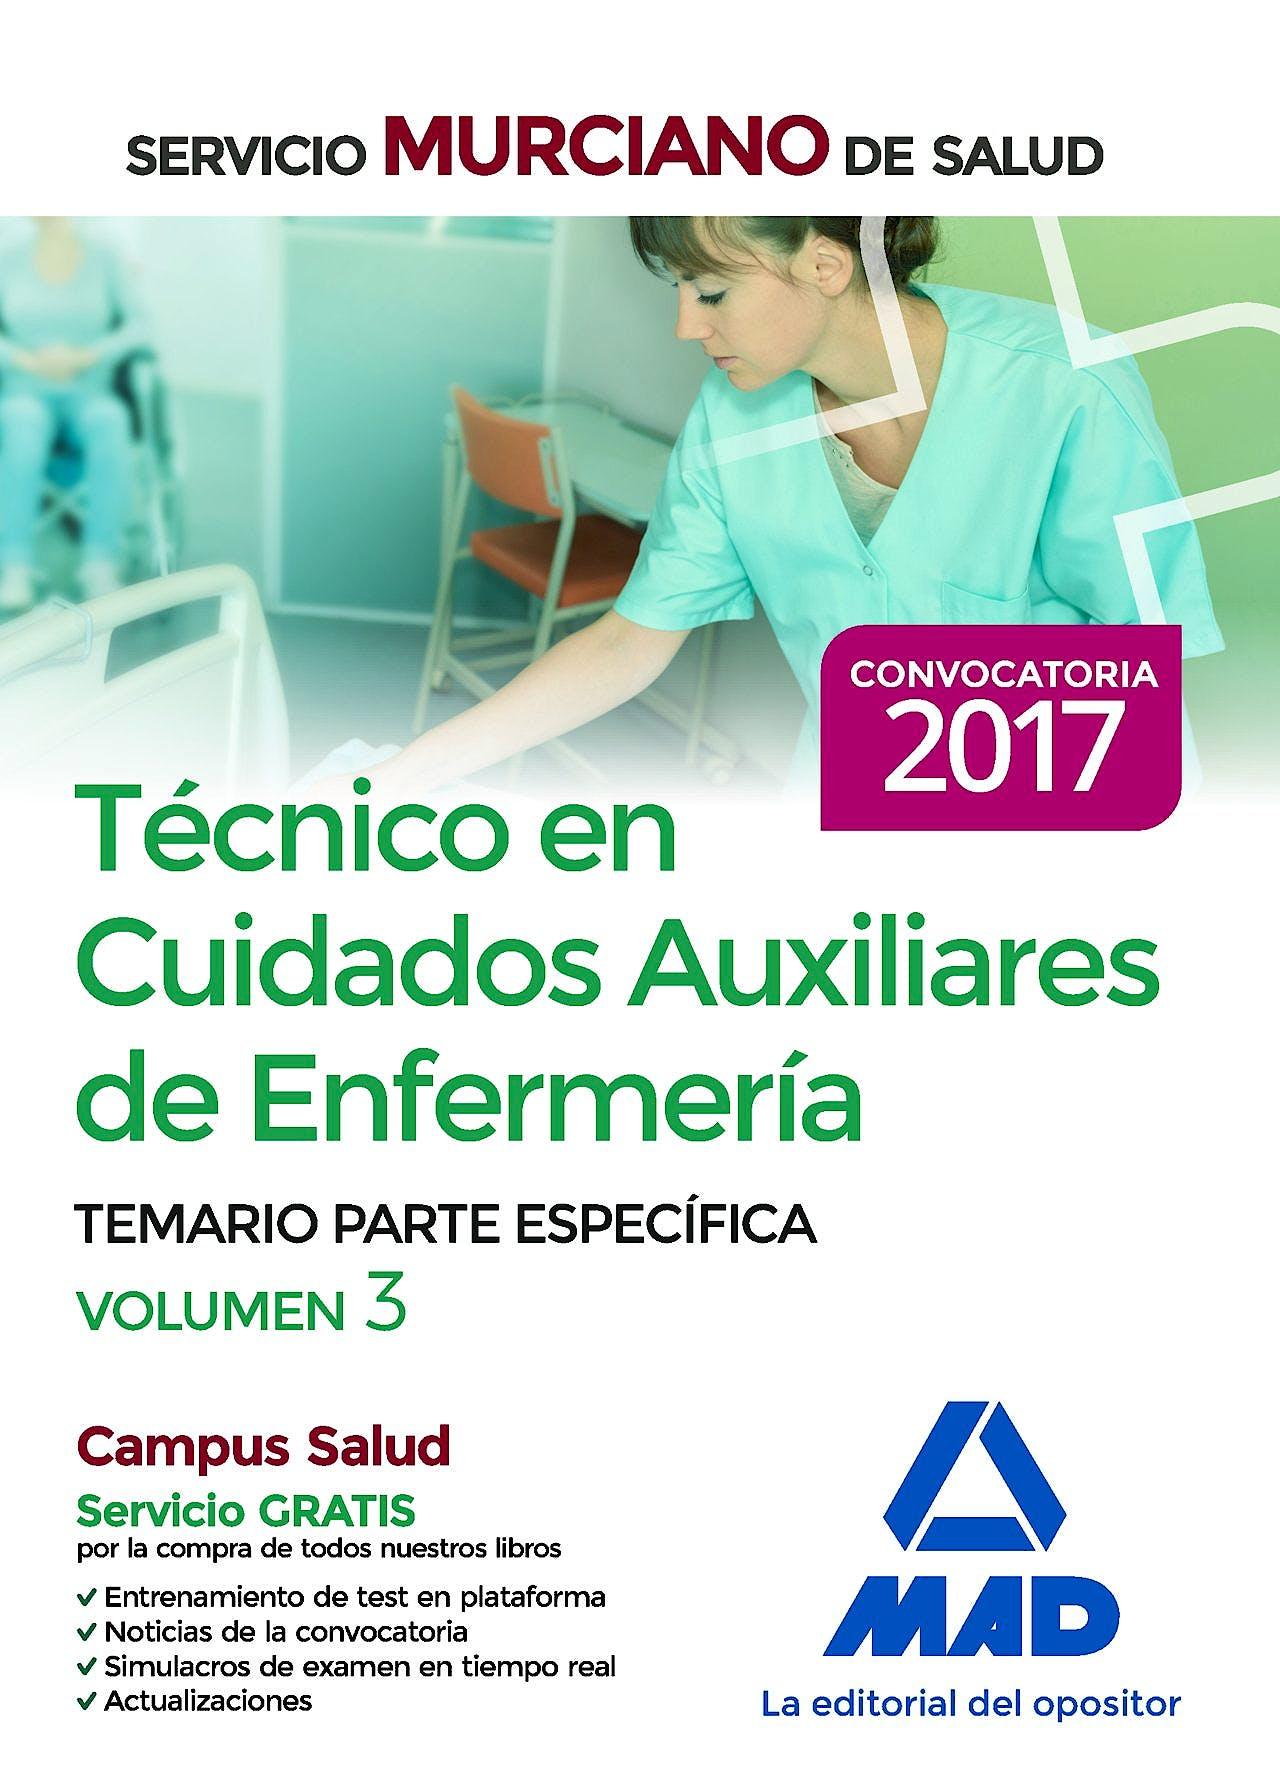 Portada del libro 9788414203453 Técnico en Cuidados Auxiliares de Enfermería Servicio Murciano de Salud. Temario Parte Específica, Vol. 3